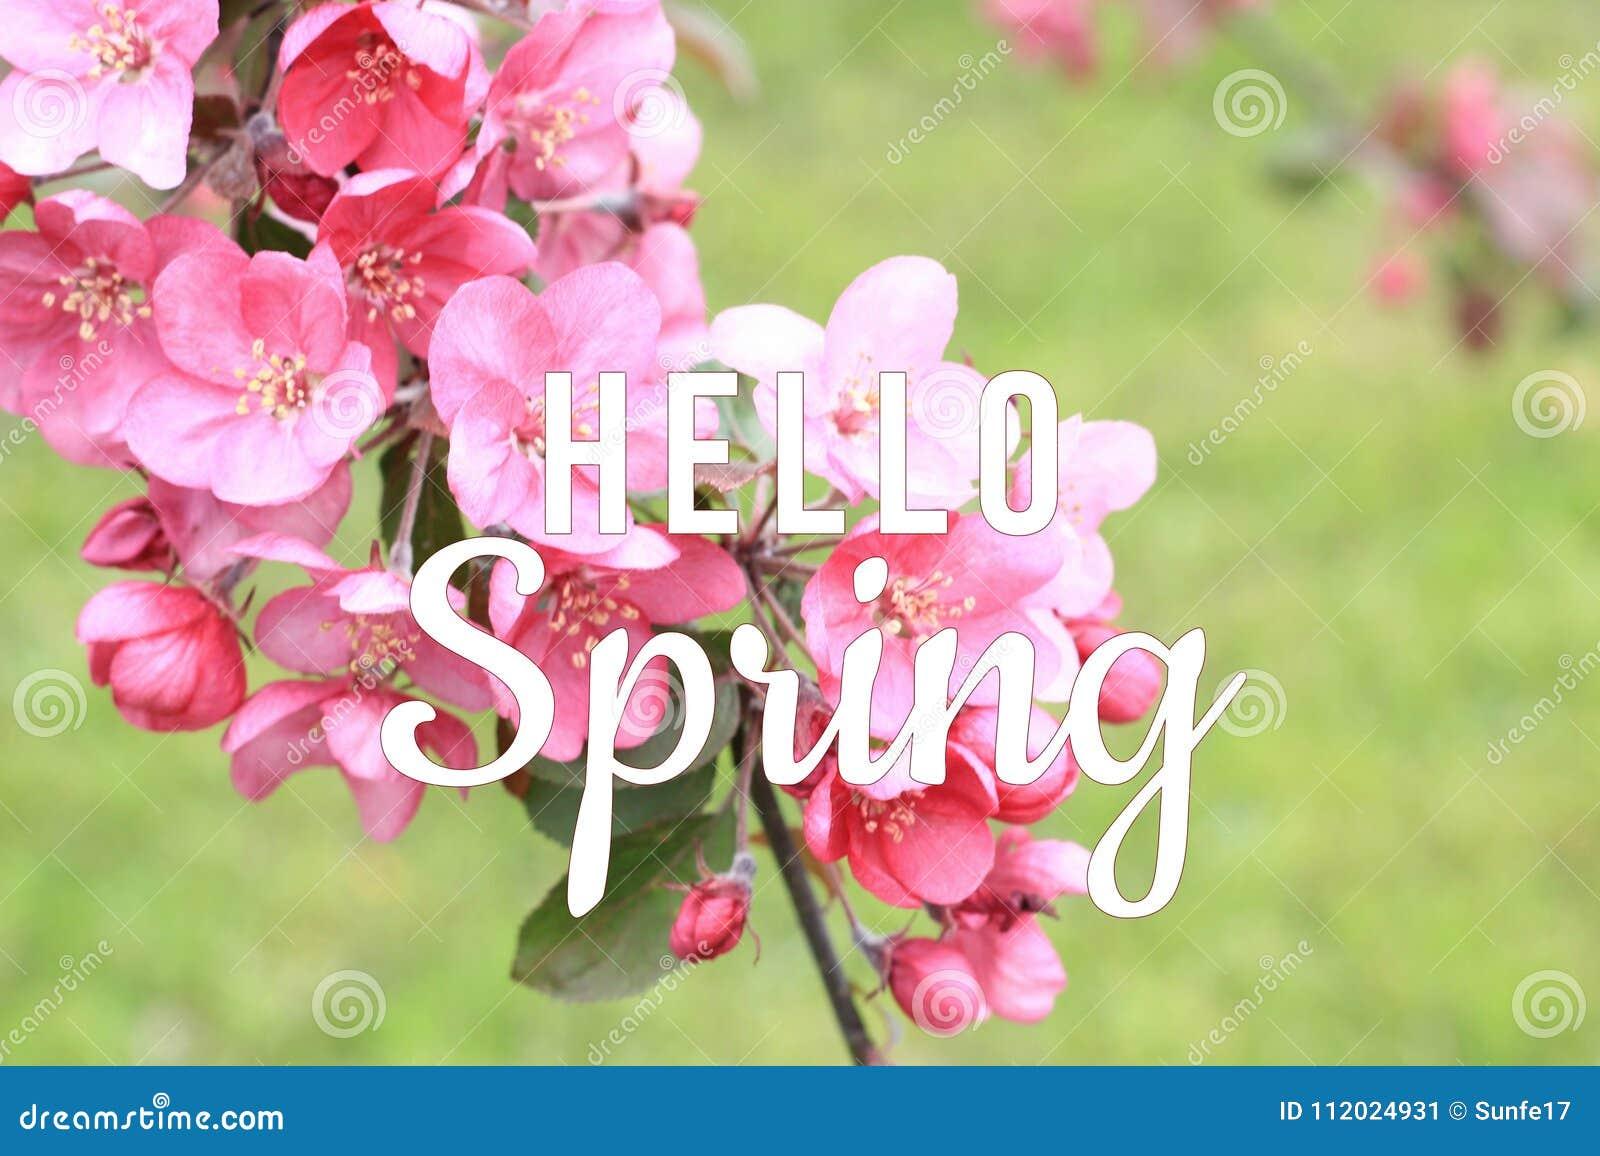 Ciao testo della primavera sul fondo di fioritura del ramo di albero